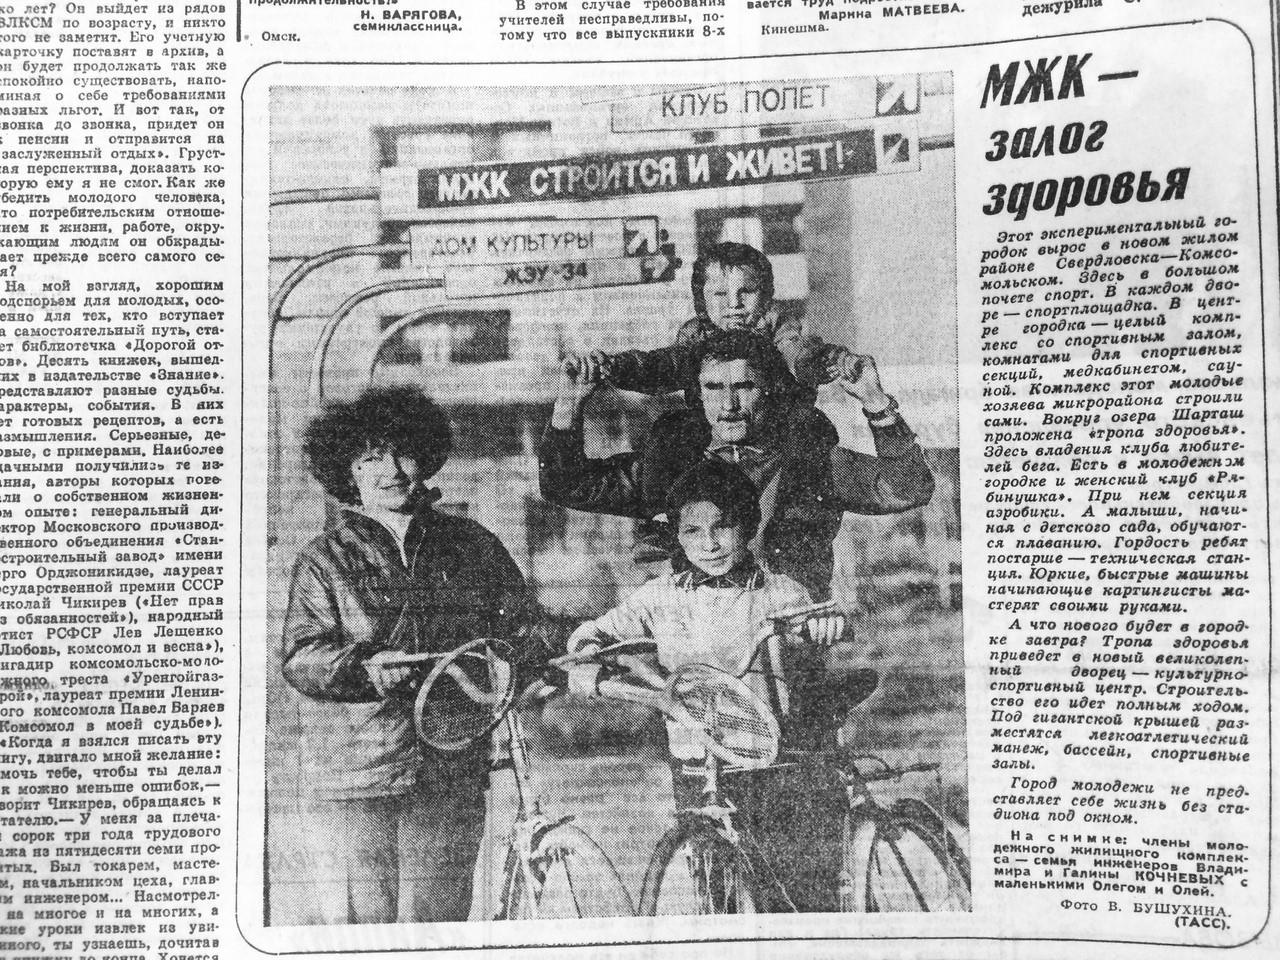 «Комсомольская правда» №179 (18682) 5 августа 1986 «МЖК-залог здоровья»